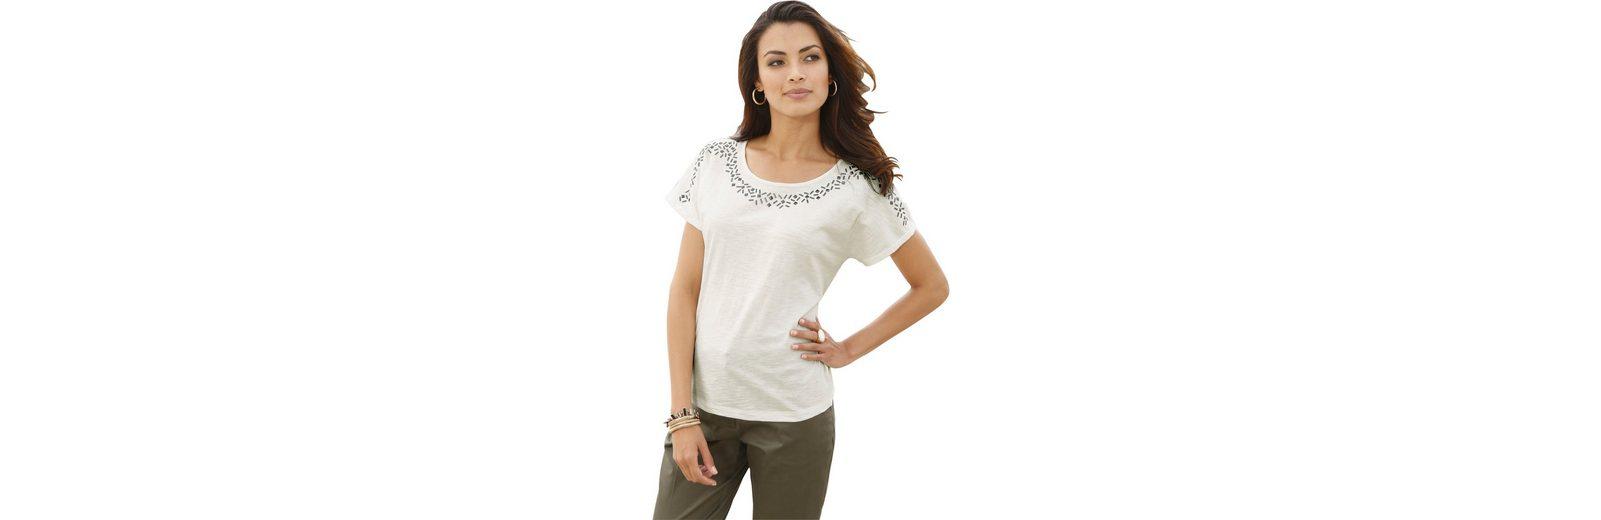 Classic Inspirationen Shirt mit silberfarbenen Metallpl盲ttchen